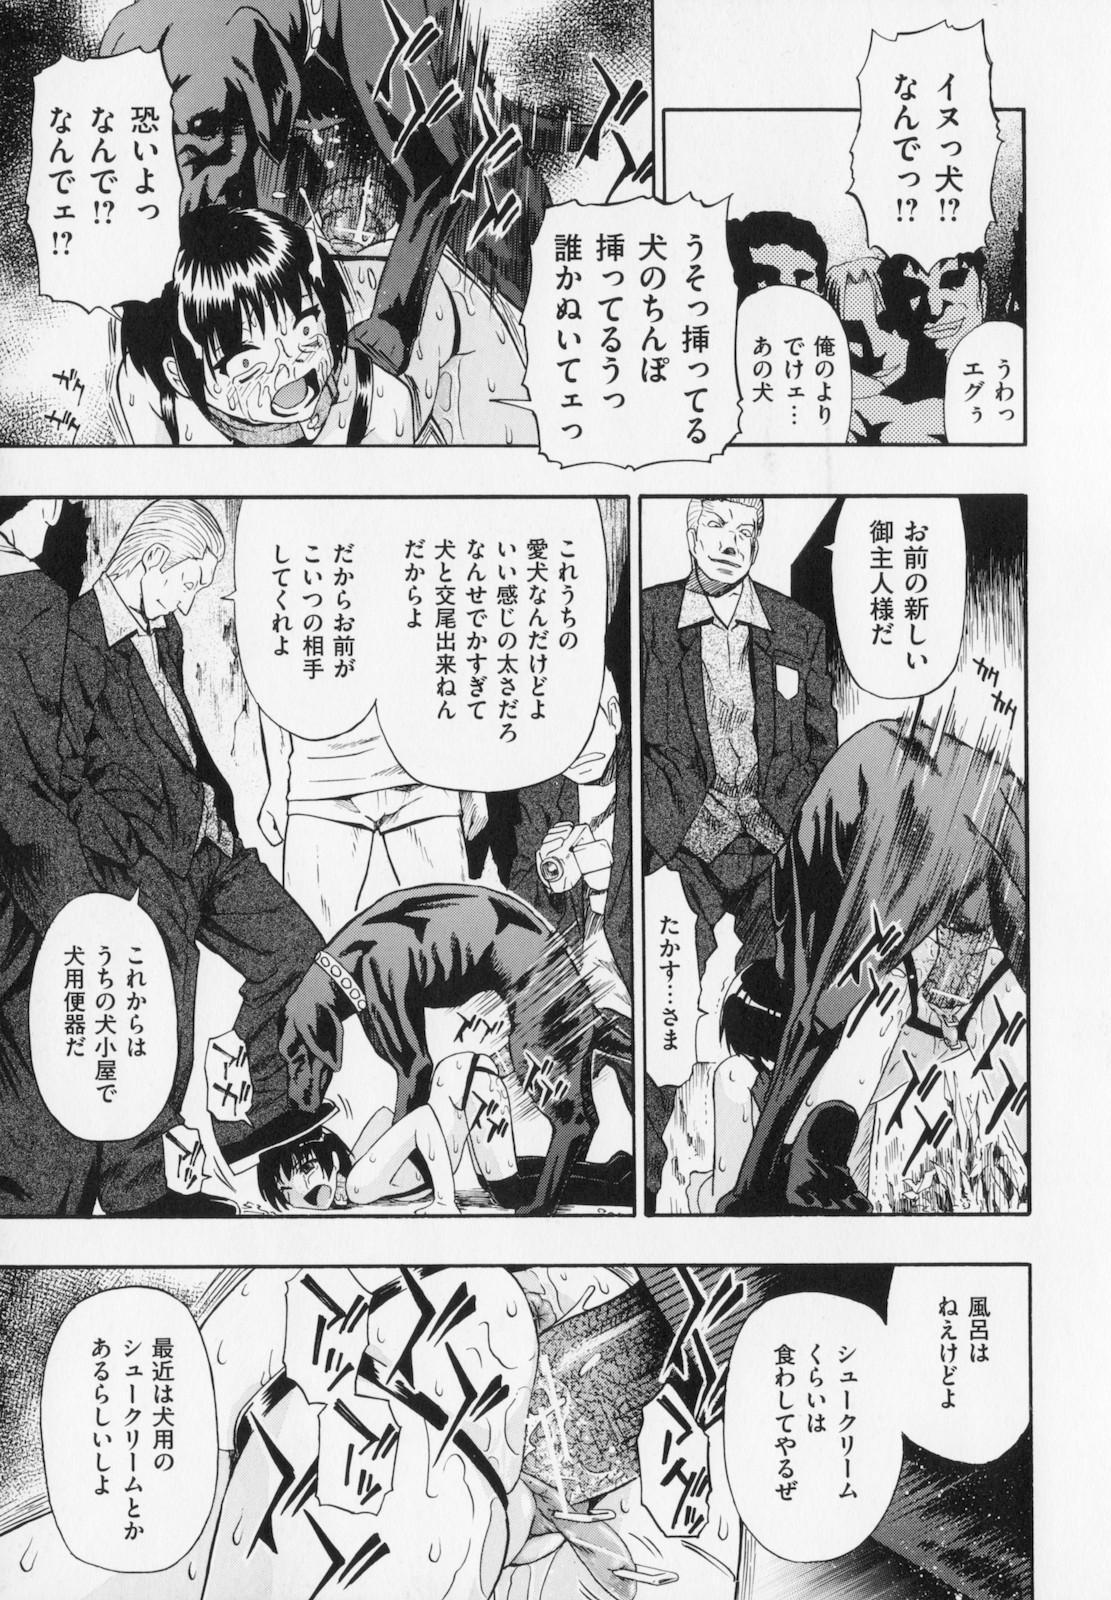 Hitodenashi no Utage - Veranstaltungsräume von Brute 144